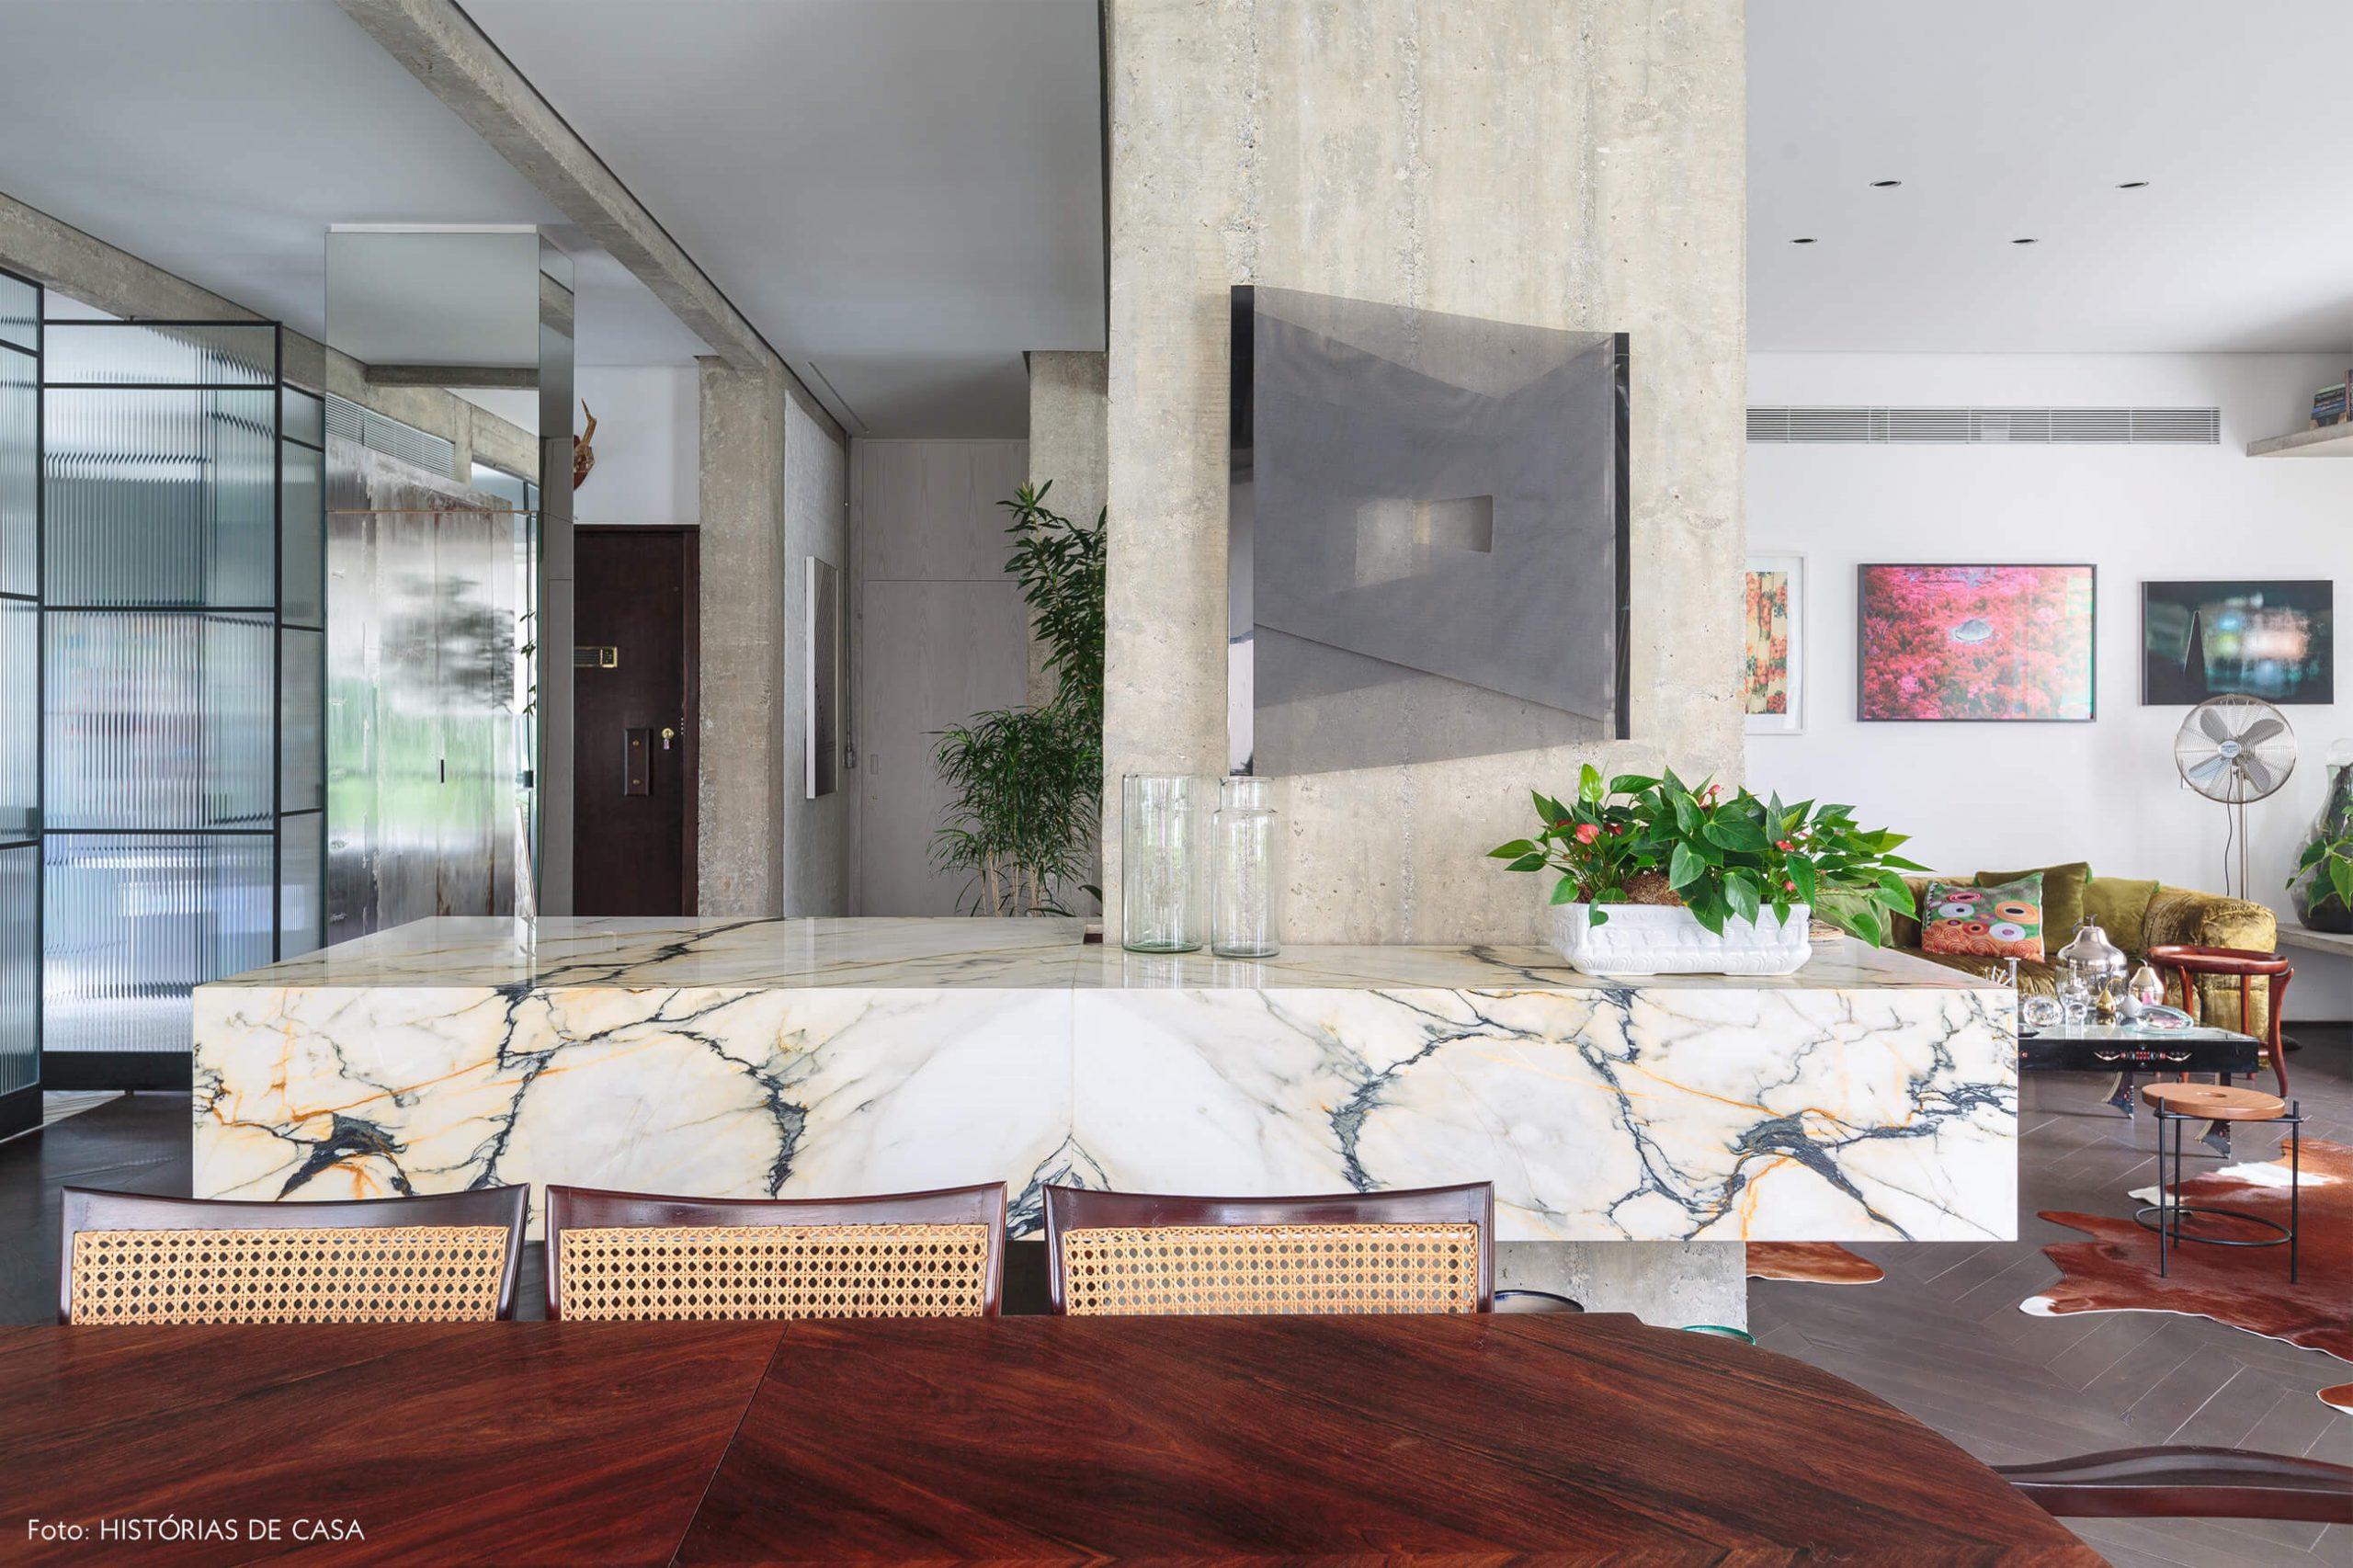 decoração ap sala jantar com cadeira de palhinha, bancada de mármore e coluna de concreto